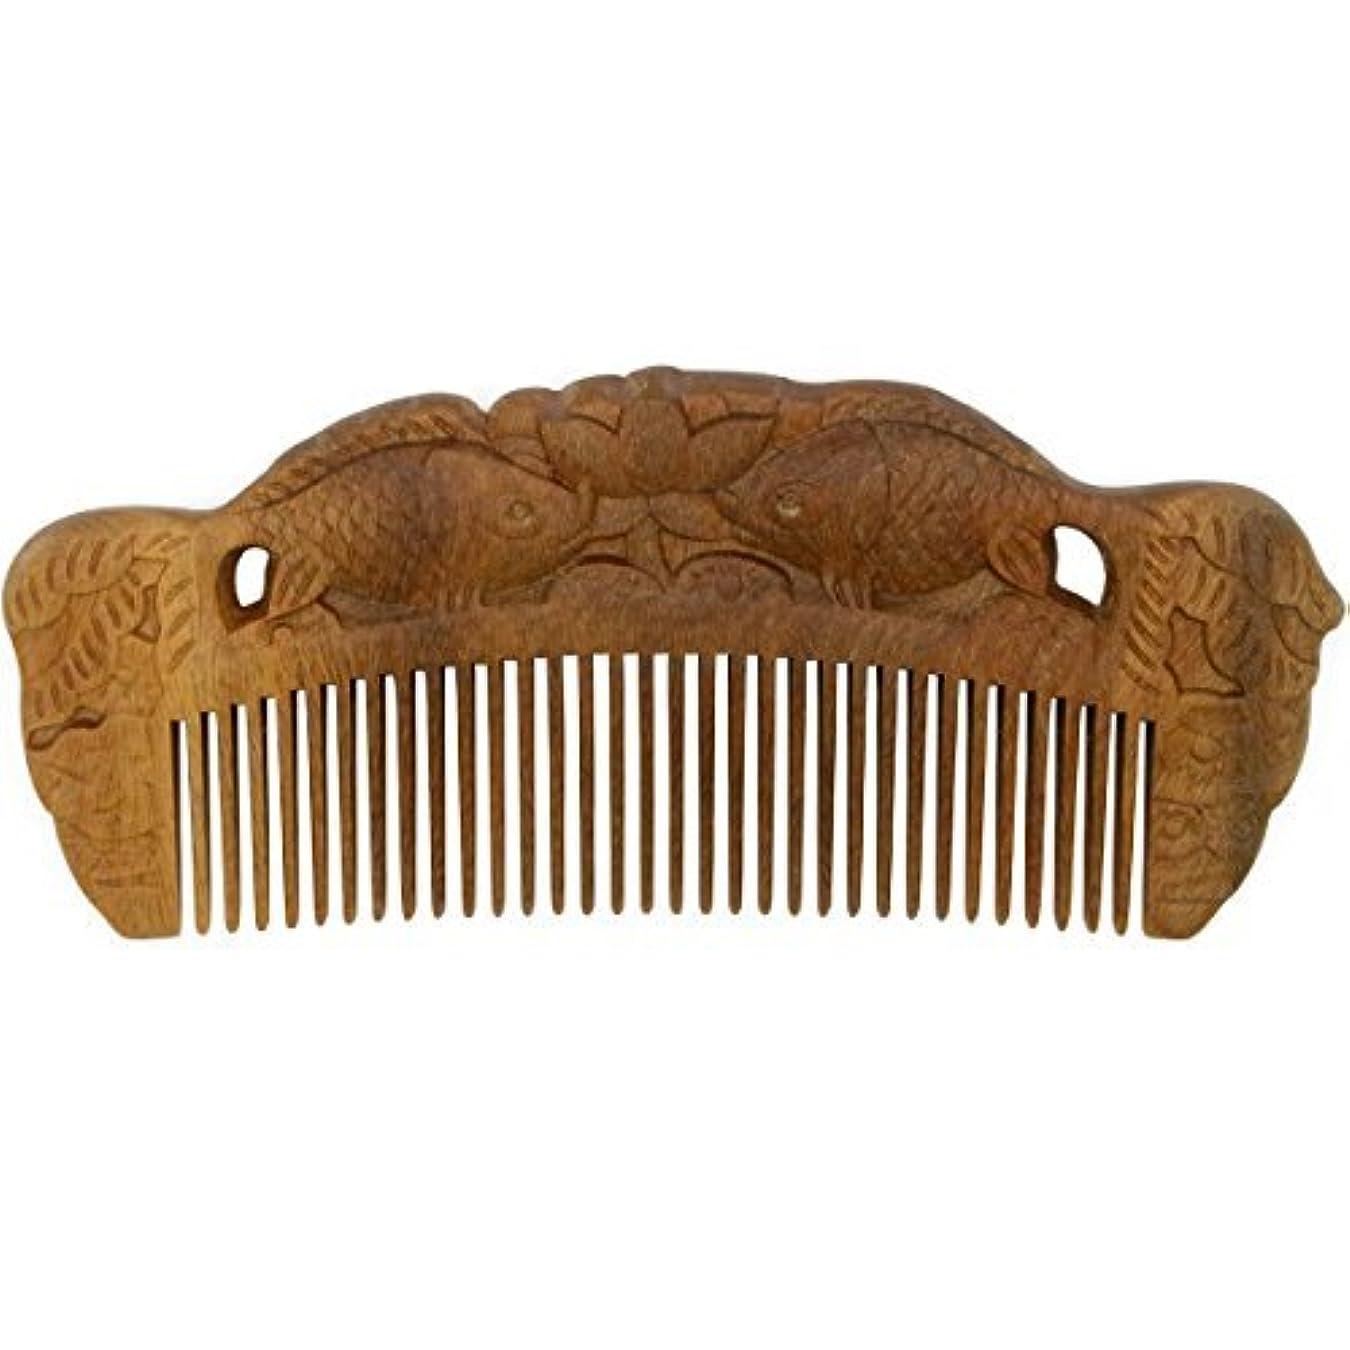 落ち着く周り予約YOY Handmade Carved Natural Sandalwood Hair Comb - Anti-static No Snag Brush for Men's Mustache Beard Care Anti Dandruff Women Girls Head Hair Accessory (HC1007) [並行輸入品]